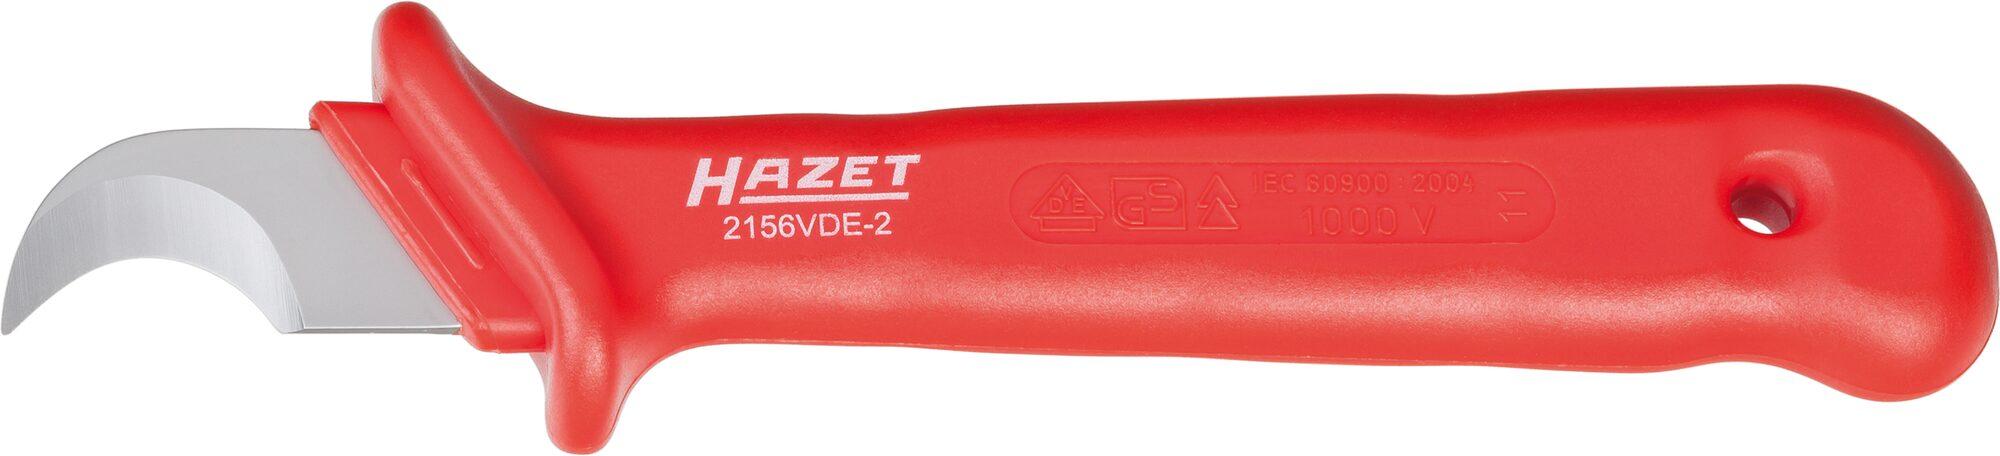 HAZET Kabel- und Abisoliermesser ∙ schutzisoliert 2156VDE-2